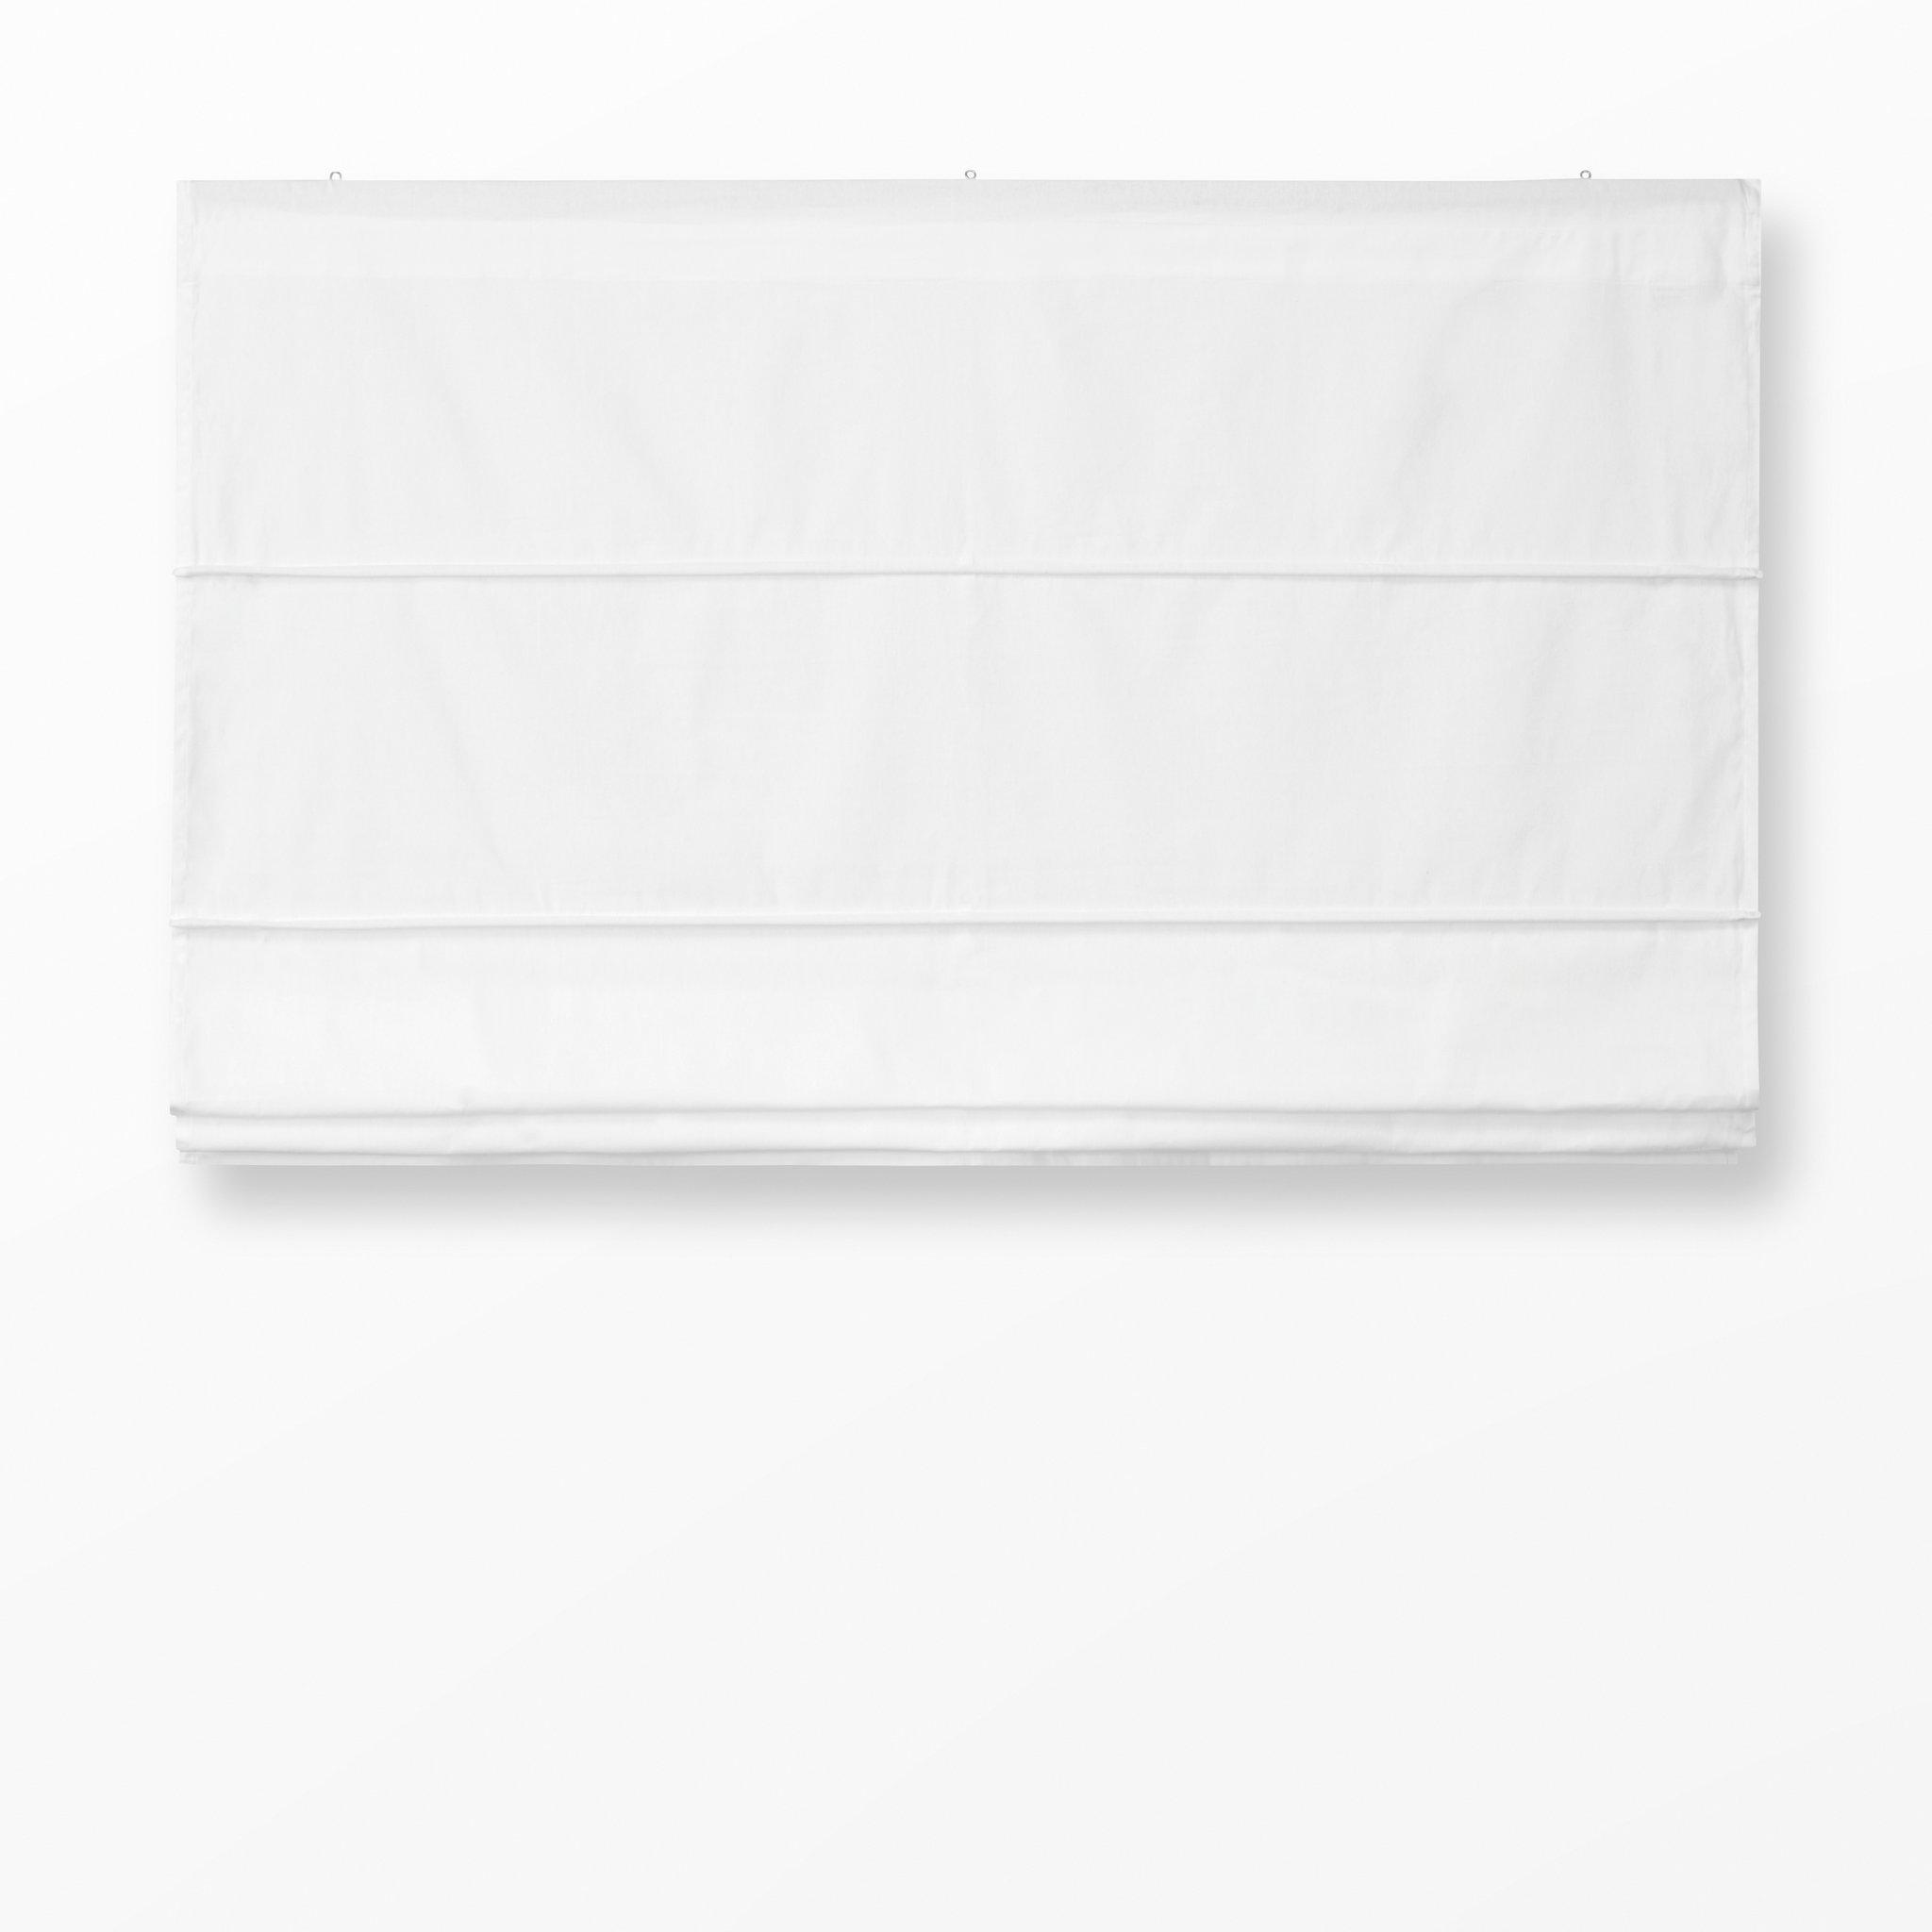 Hissgardin Steg 100×170 cm